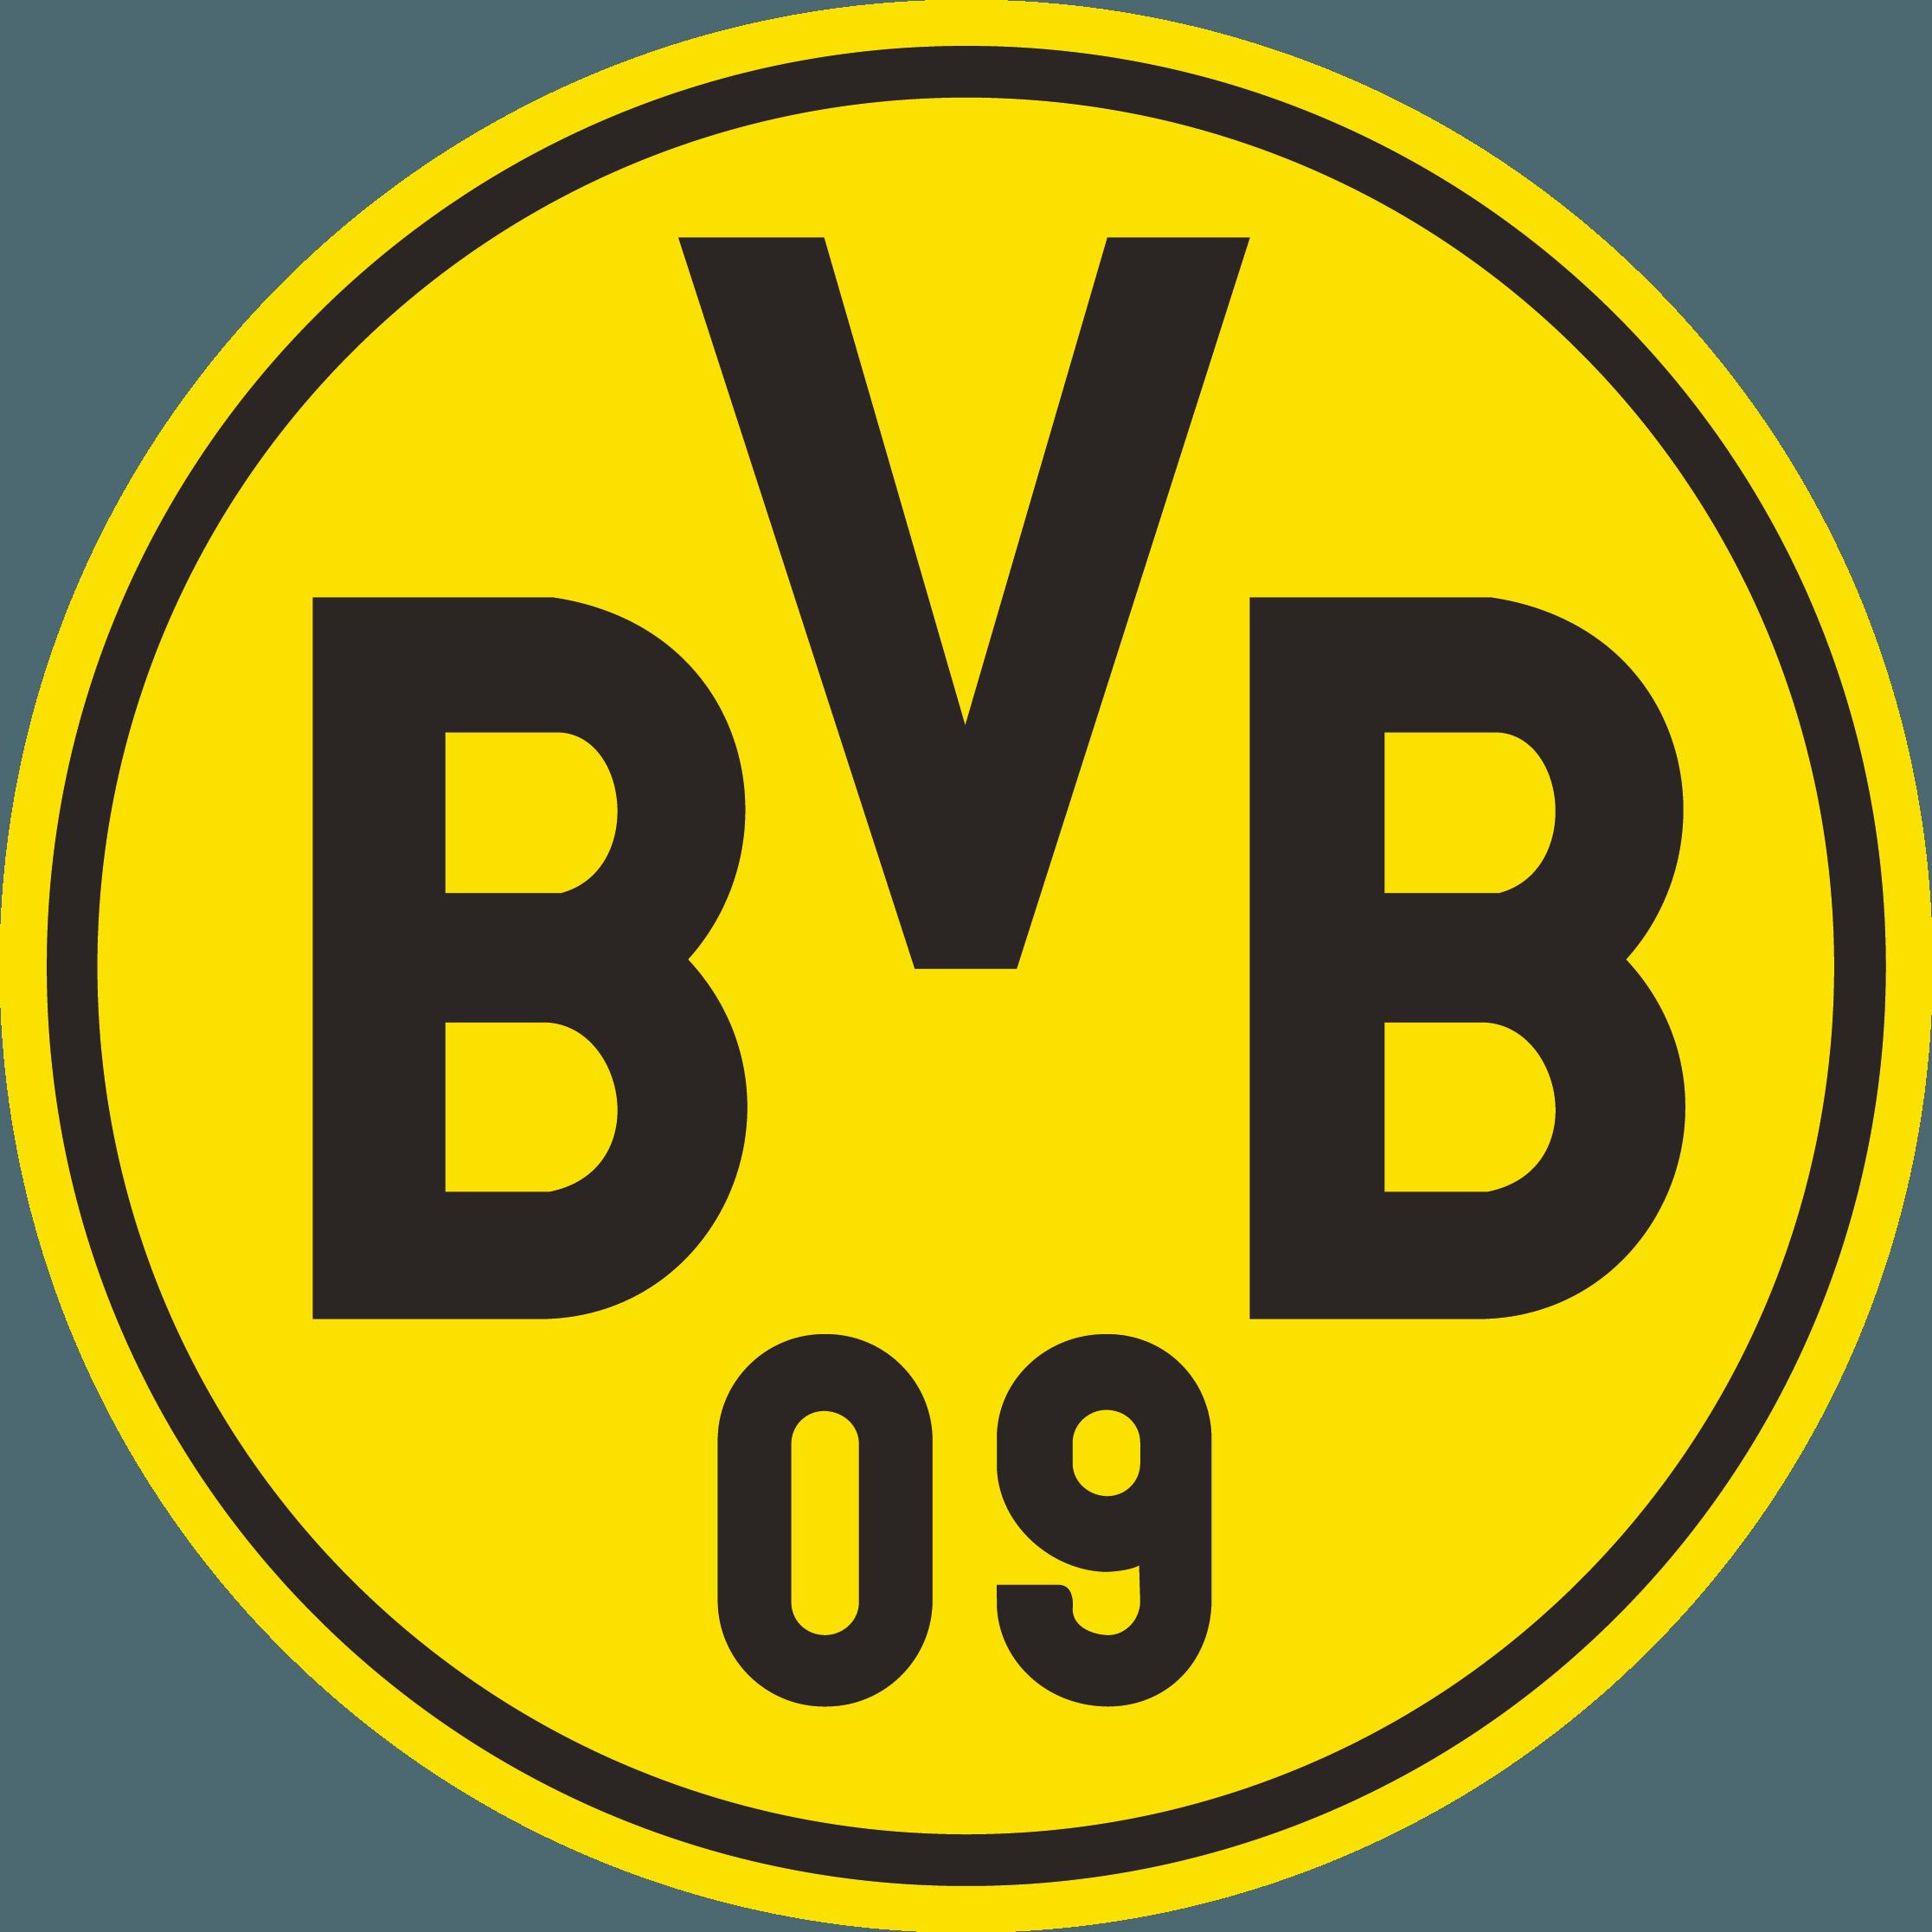 Borussia Dortmund Logo Bvb Borussia Dortmund Logo Png Transparent Cartoon Jing Fm